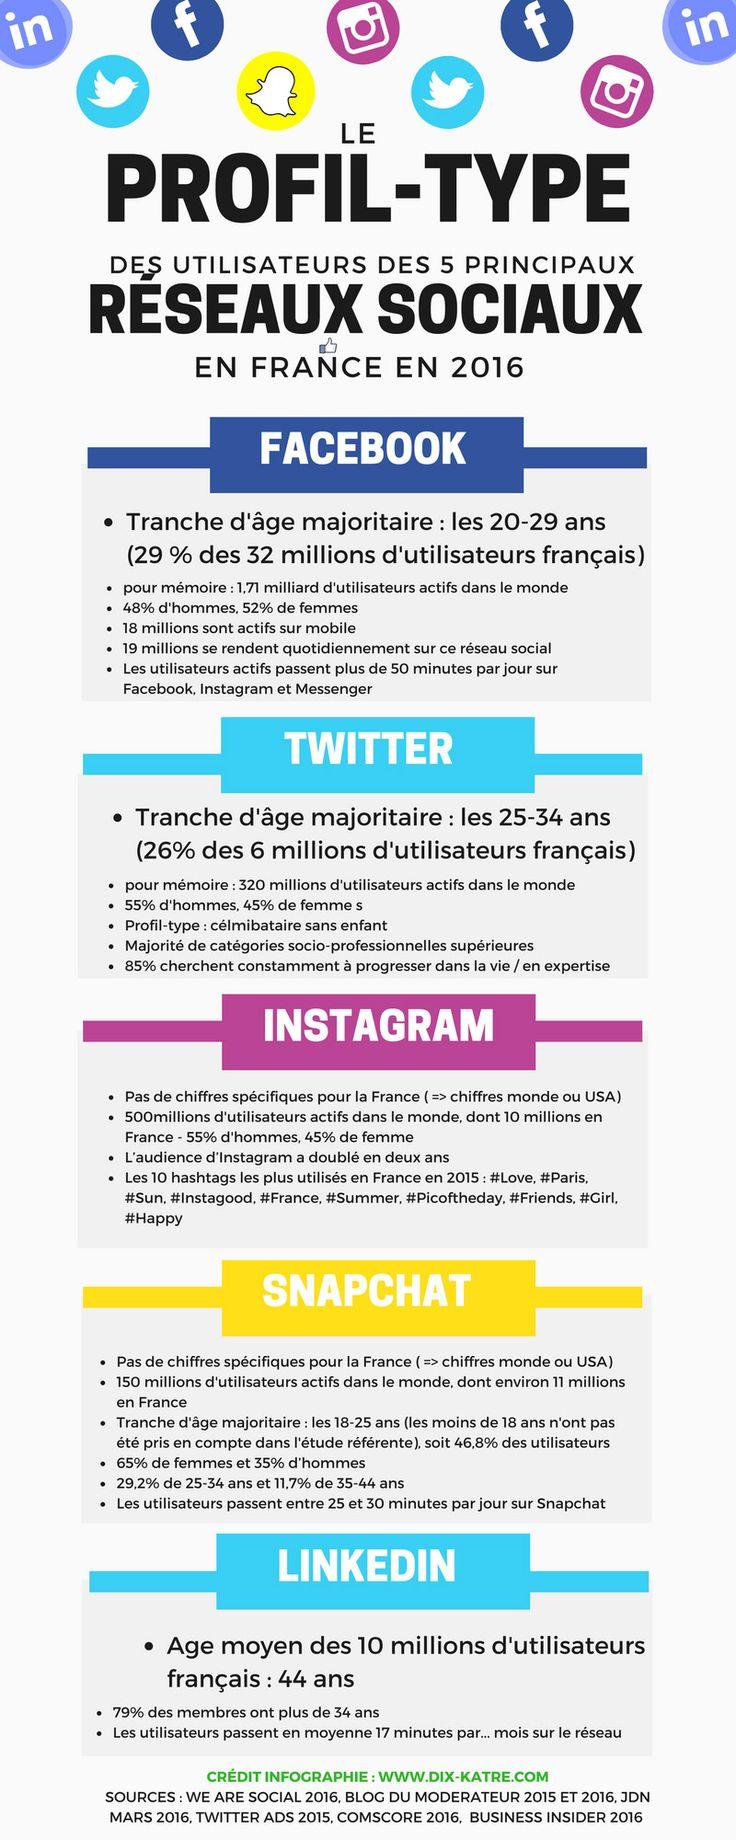 [infographie] Très parlant et utile : le profil type des utilisateurs francais #SocialMedia 2016 - Sources We Are Social et Blog du Modérateur 2015